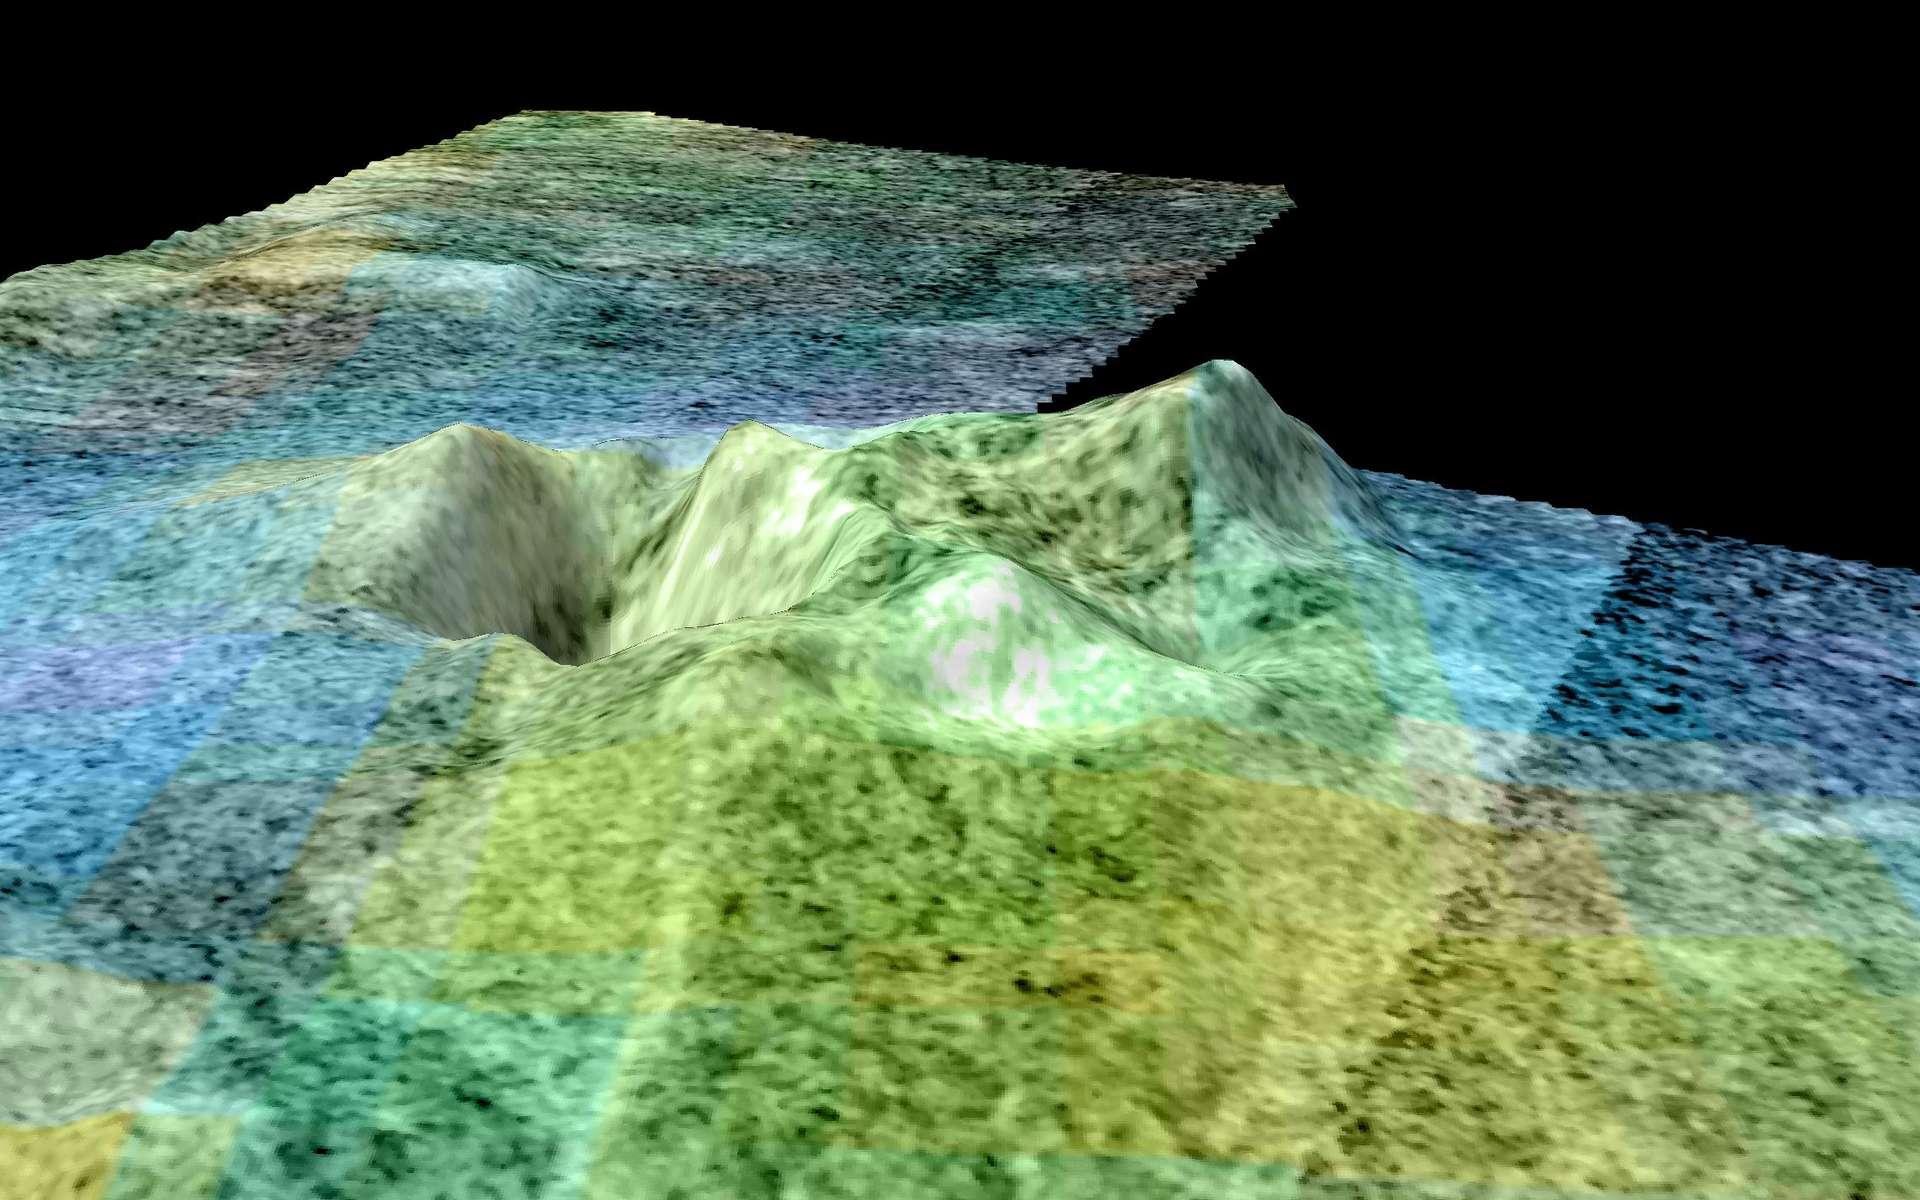 On pense depuis quelques années que Sotra Patera, sur Titan, anciennement appelée Sotra Facula, est un cryovolcan sous la forme d'une caldeira. Presque circulaire et mesurant environ 65 kilomètres de diamètre, il possède deux pics d'environ 1.000 et 1.500 mètres de hauteur. © Nasa/JPL-Caltech/ASI/USGS/University of Arizona